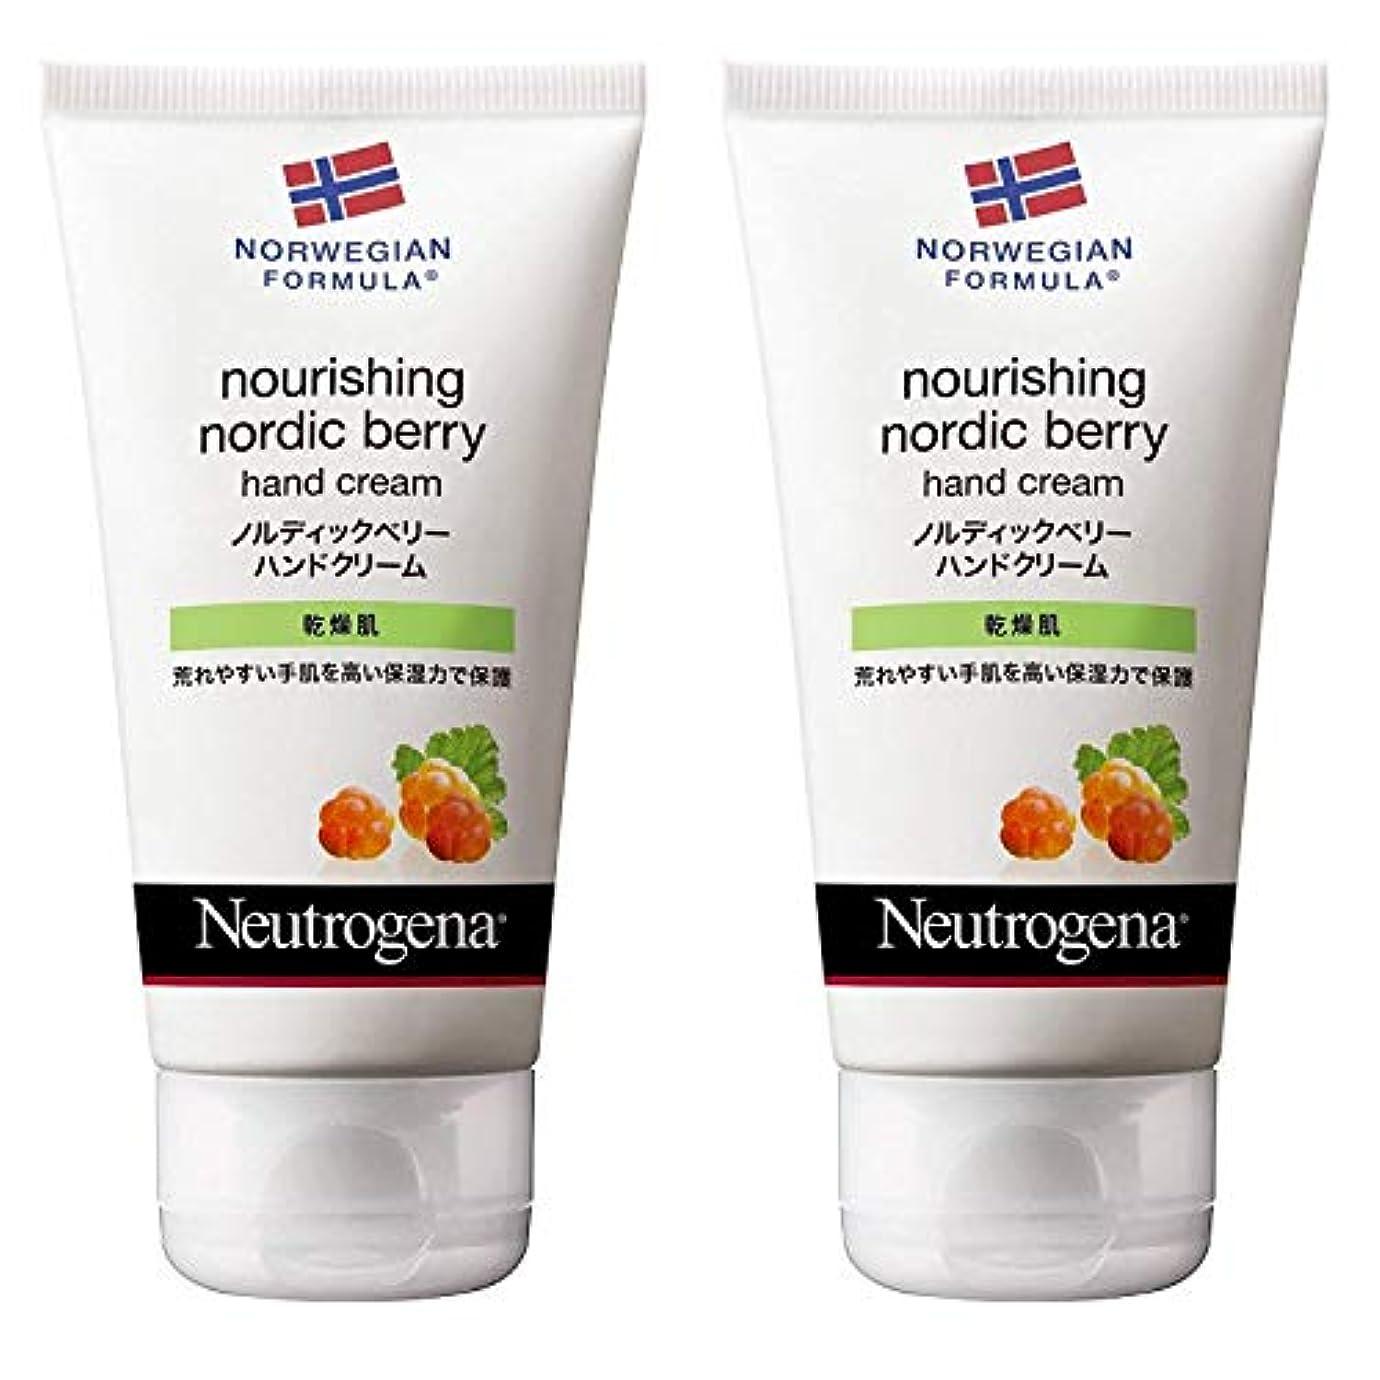 粗い歴史魅力[2個セット]Neutrogena(ニュートロジーナ)ノルウェーフォーミュラ ノルディックベリー ハンドクリーム 75g